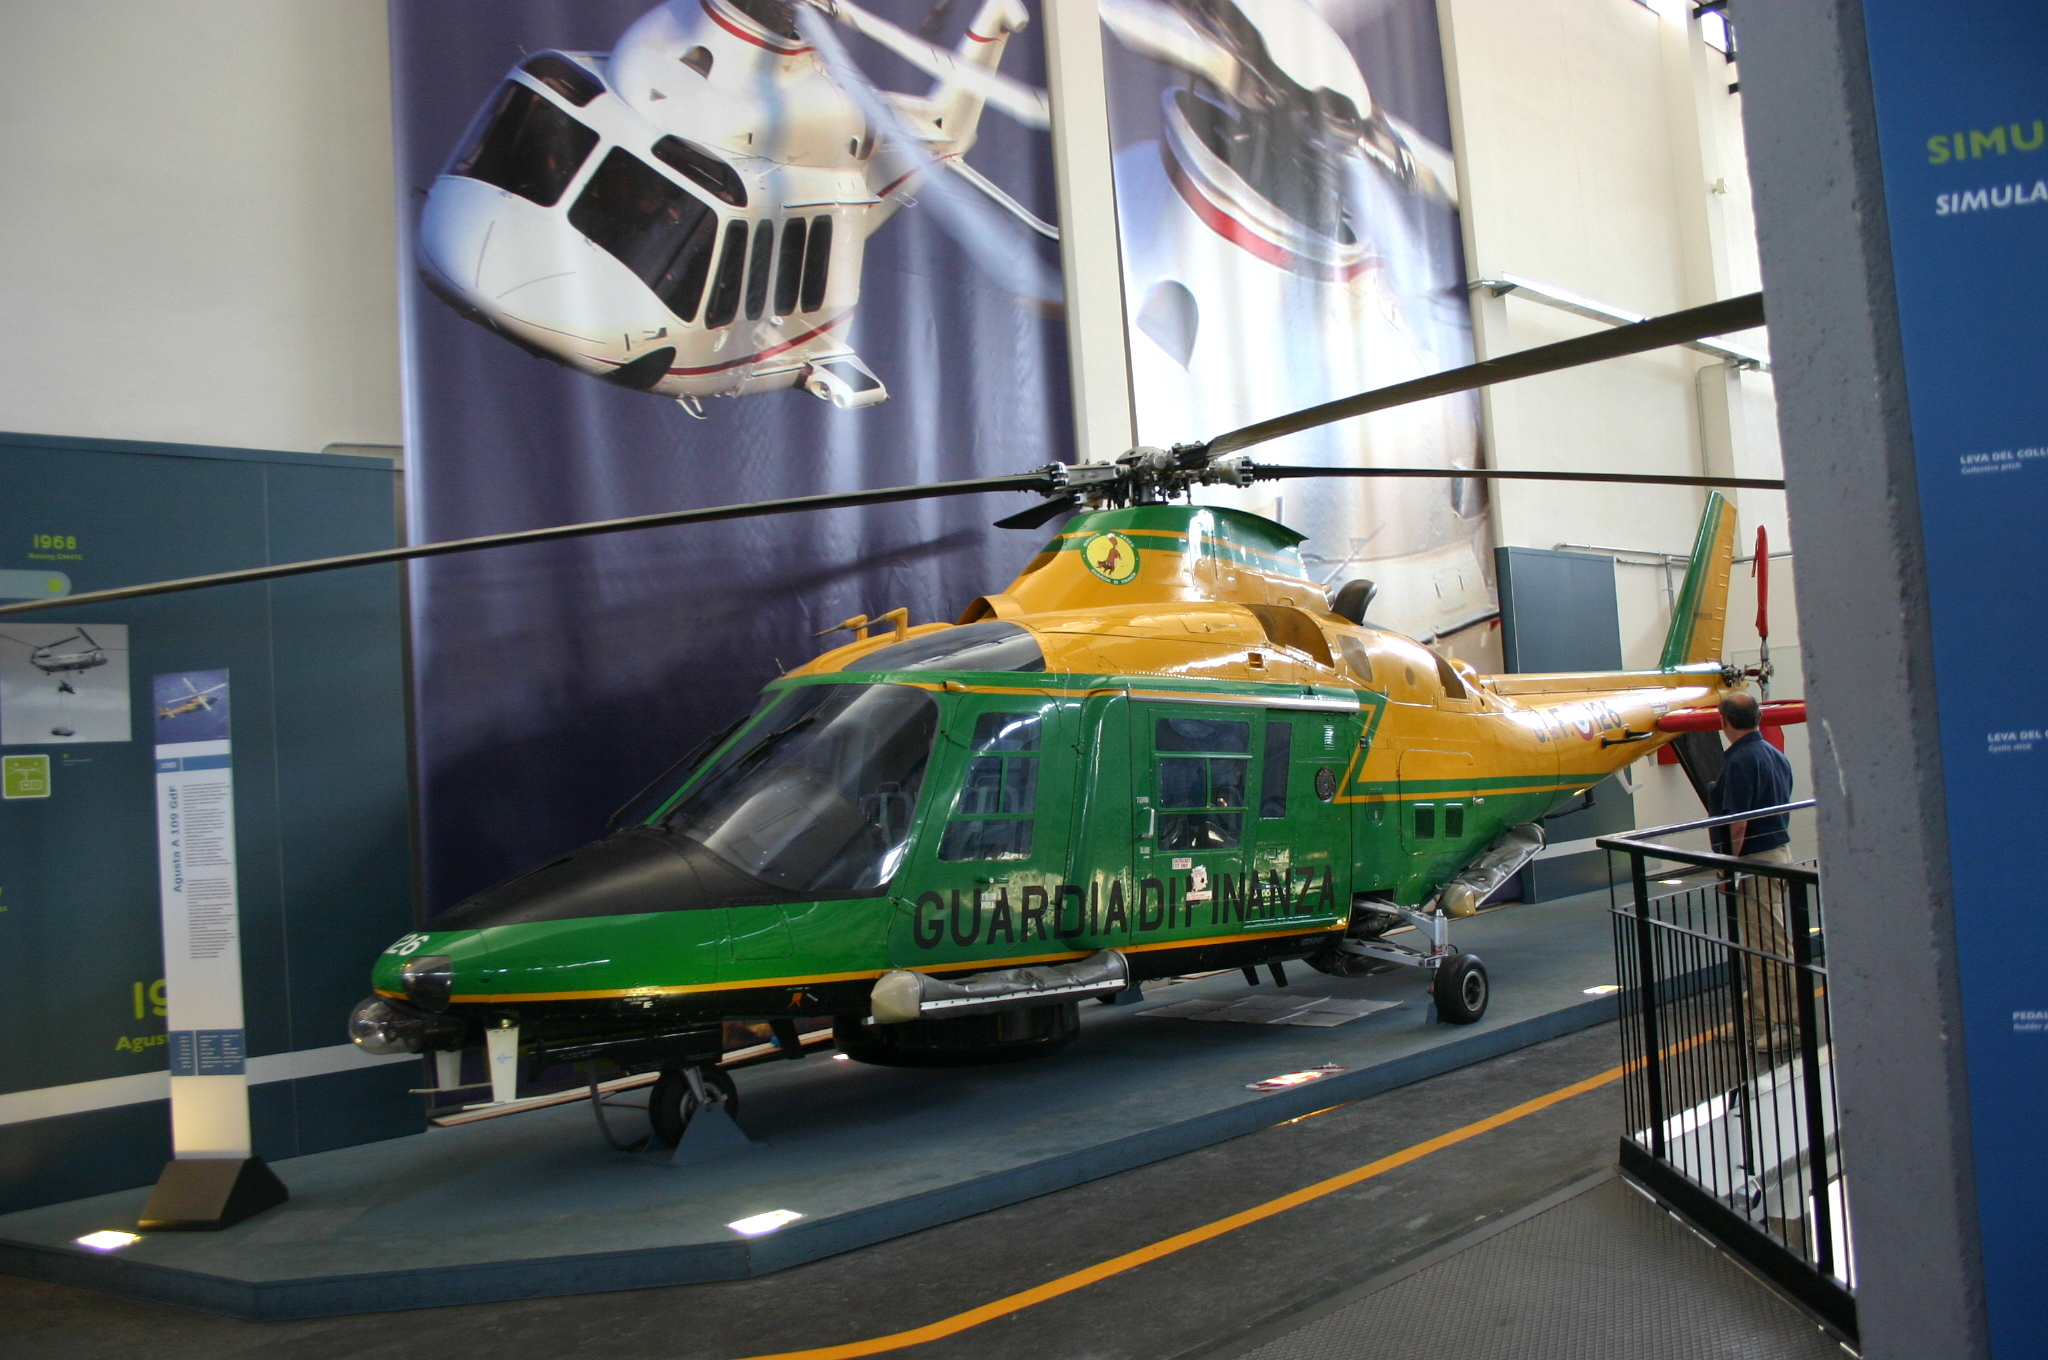 Elicottero Milano : File:9974 milano museo scienza elicottero augusta a 109 1985